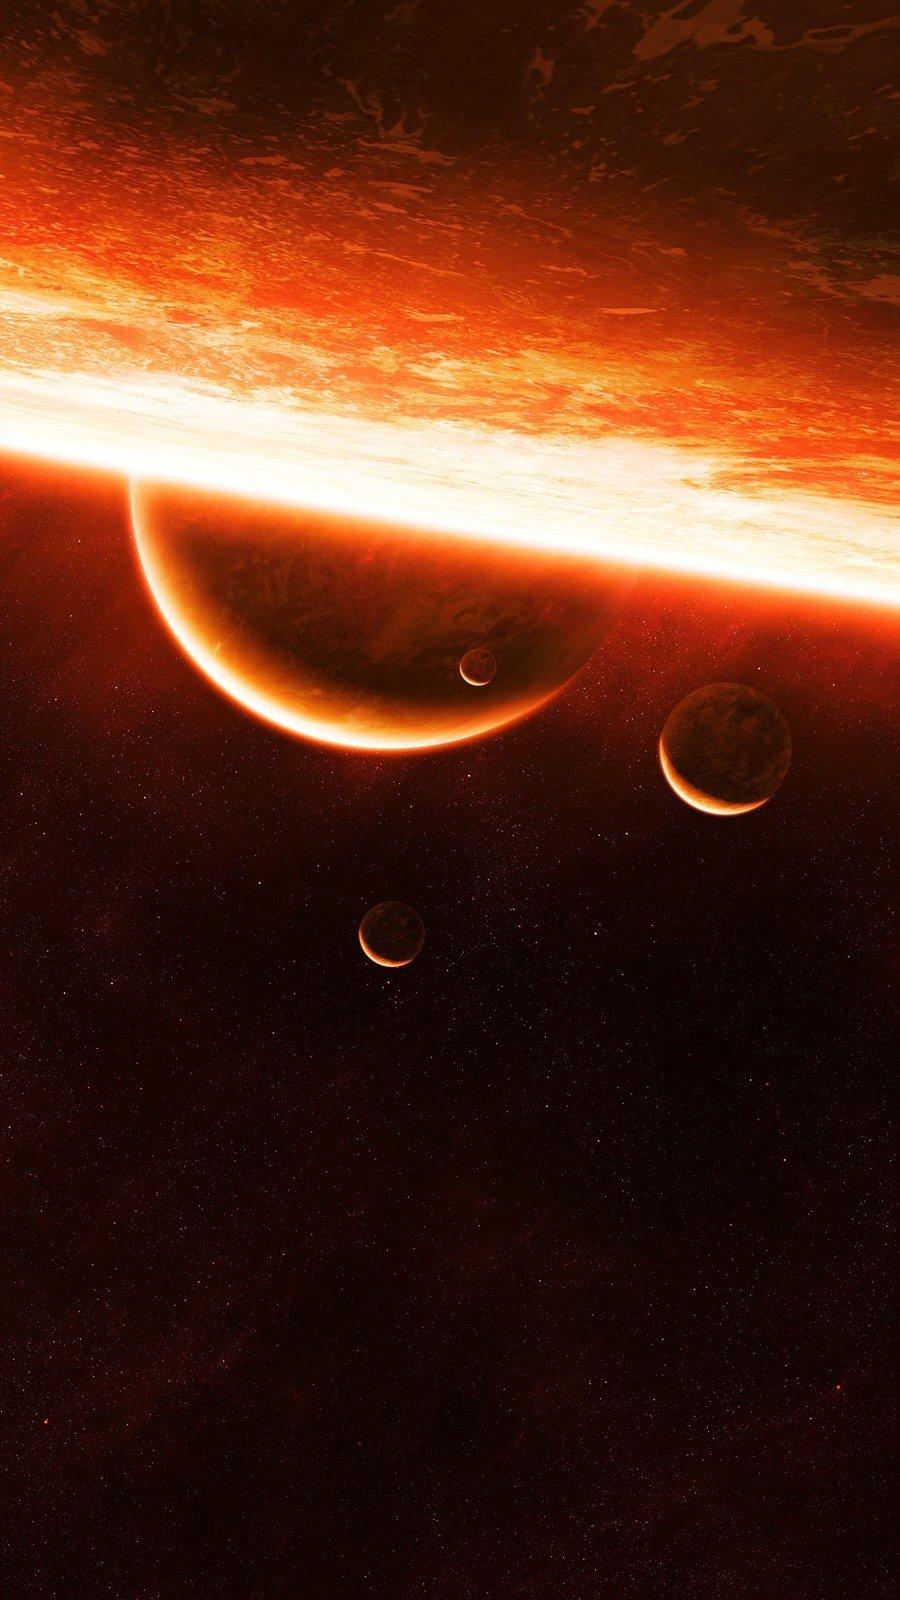 Fondos de pantalla El sol y planetas Vertical